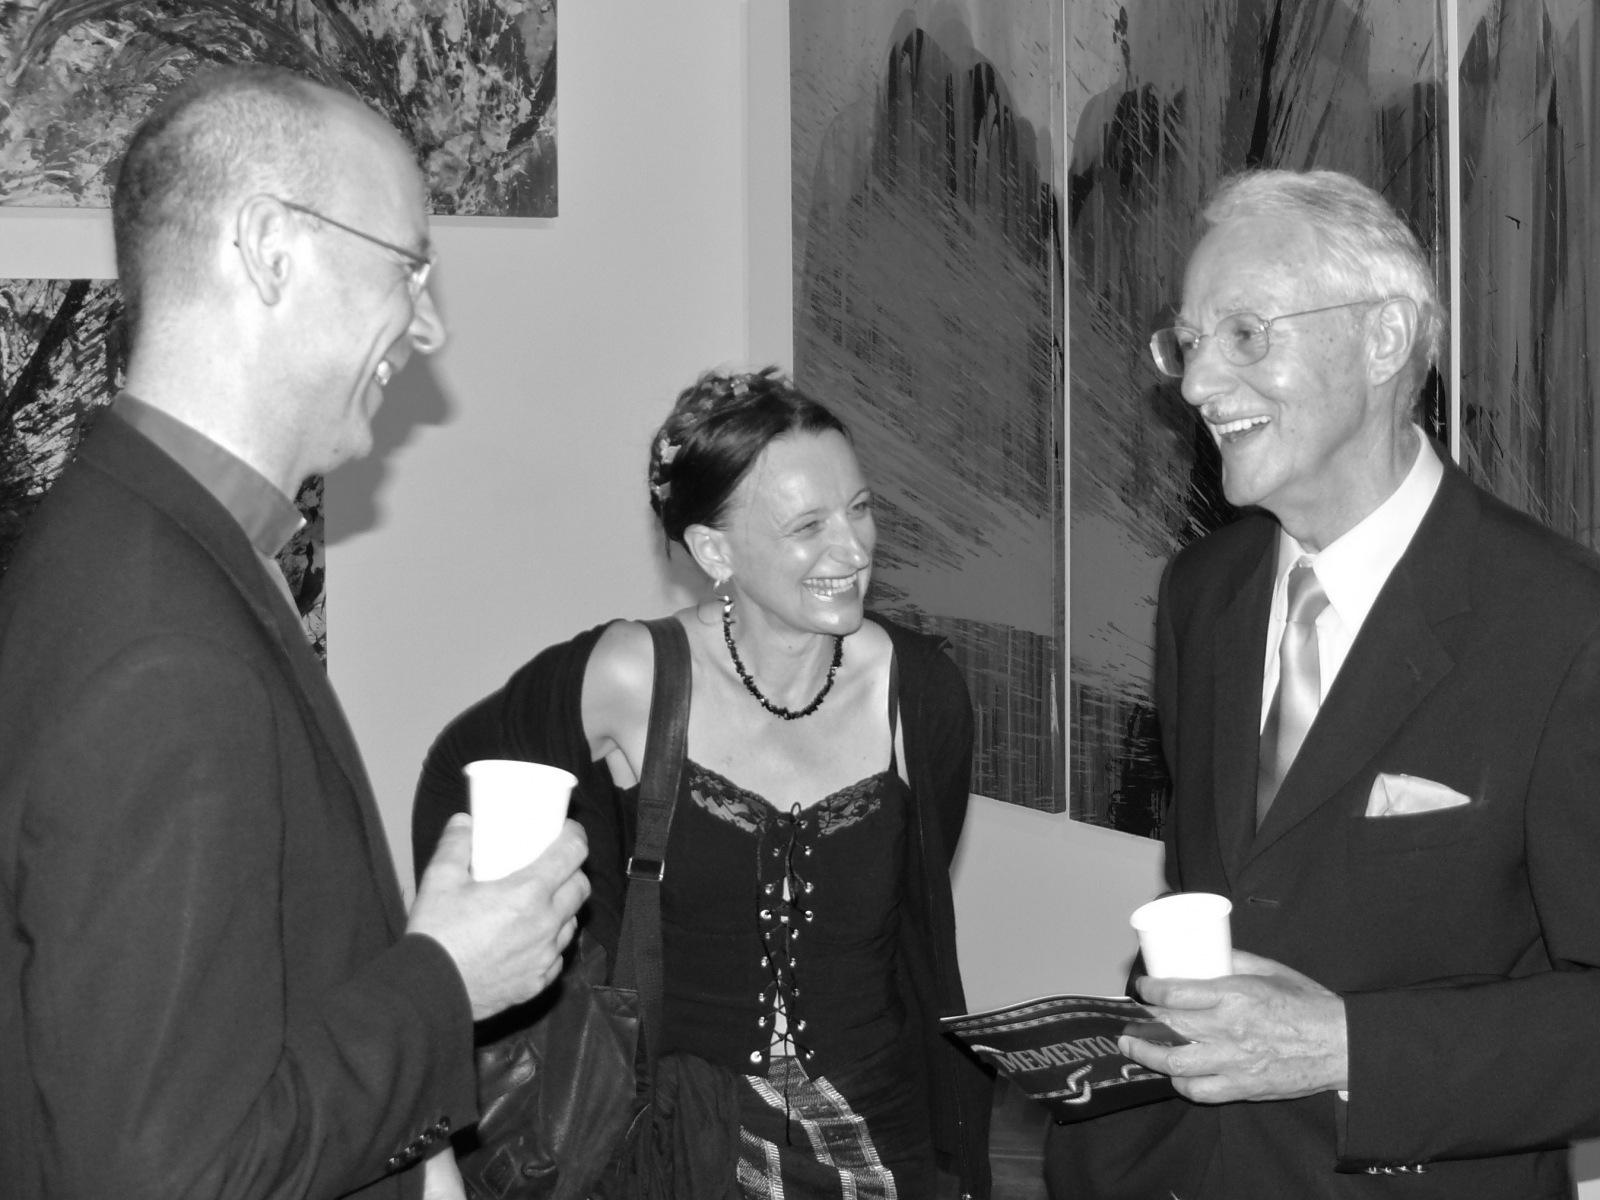 Dompfarrer Toni Faber, Caren Dinges & Karlheinz Essl 2009 in der Nitsch Ausstellung im Künstlerhaus